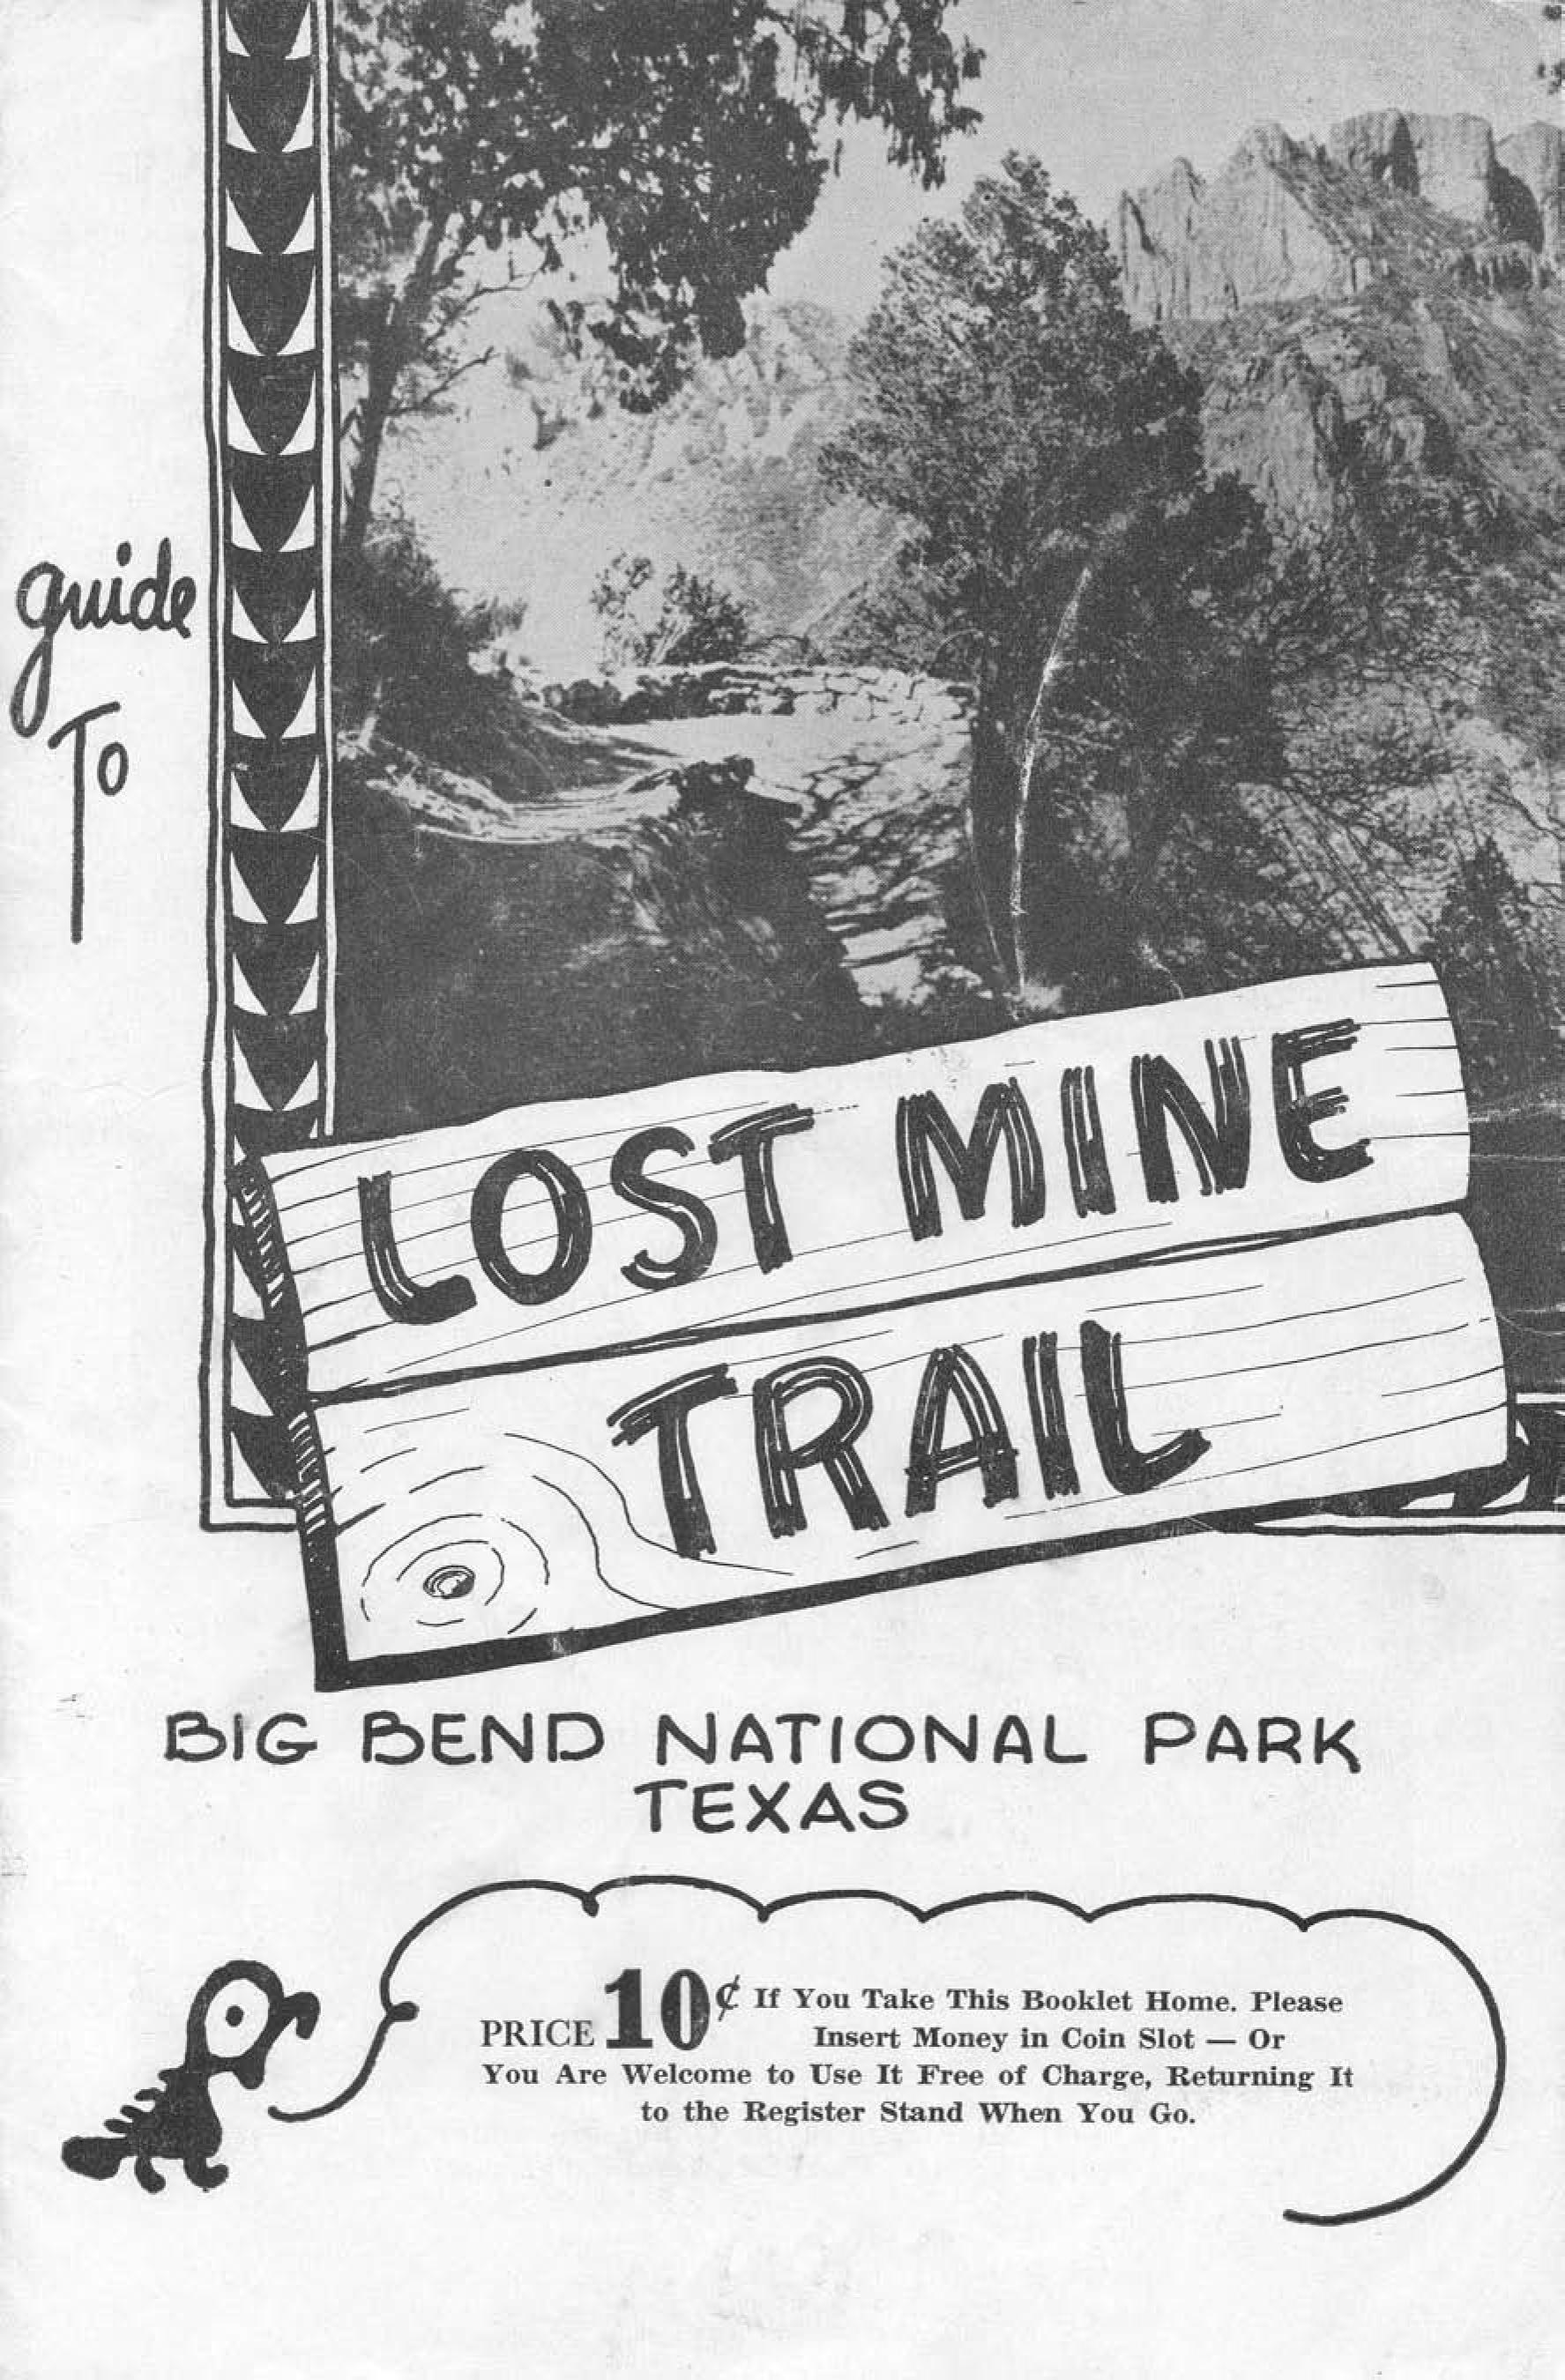 Vintage National Park Guide